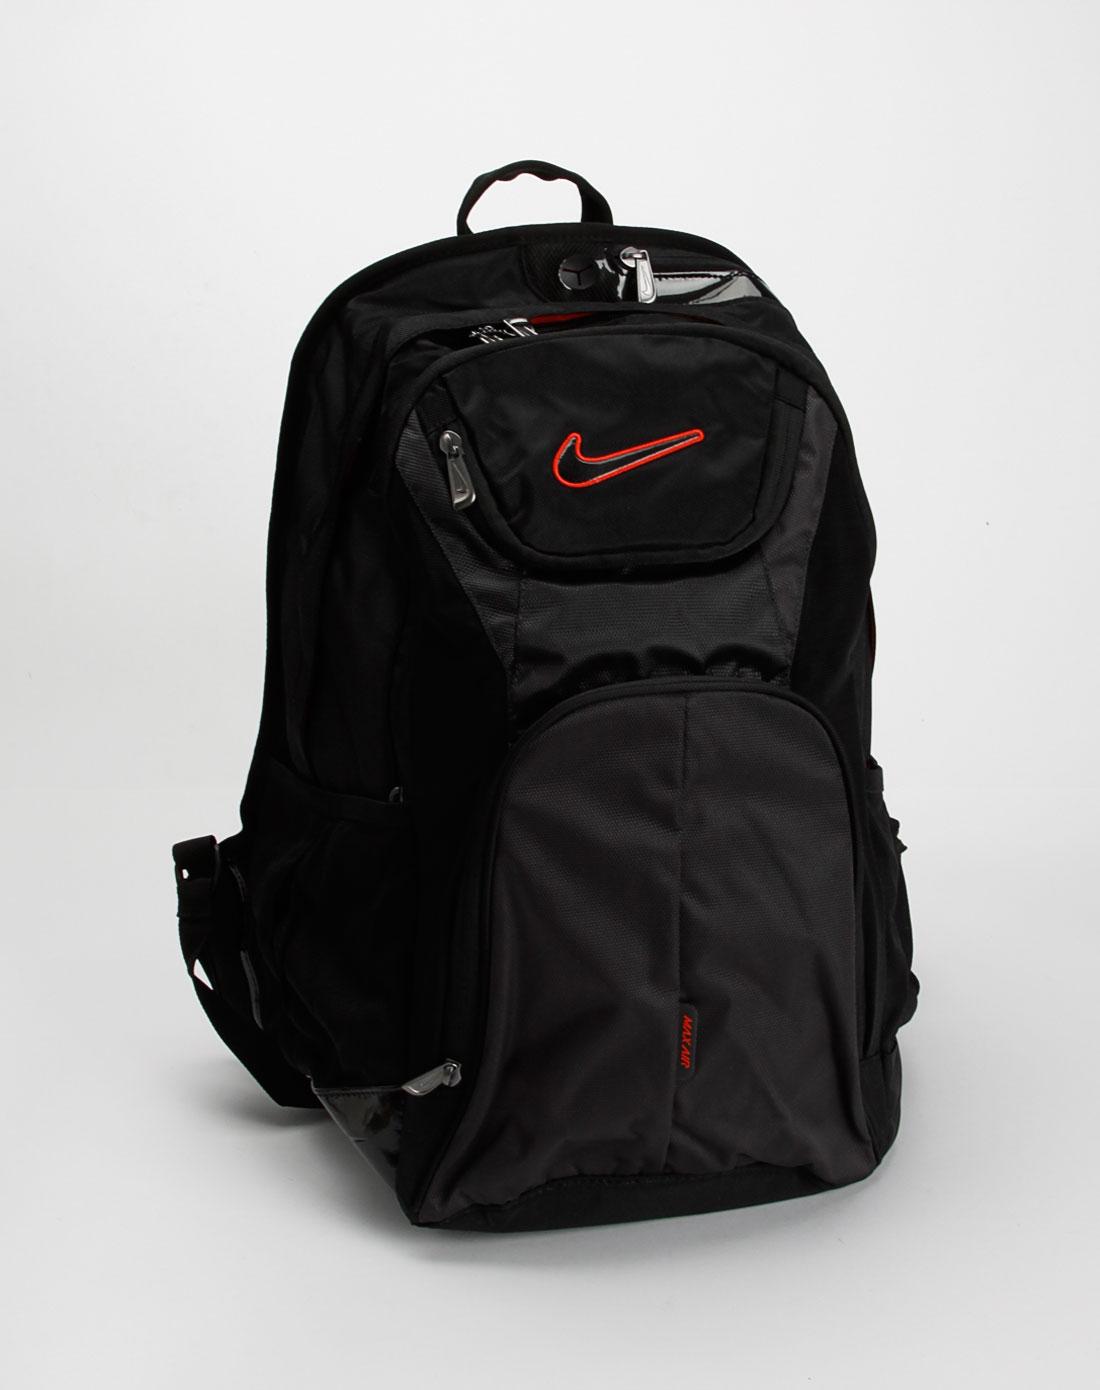 团队精英黑色背包_耐克nike-包包官网特价5.5折